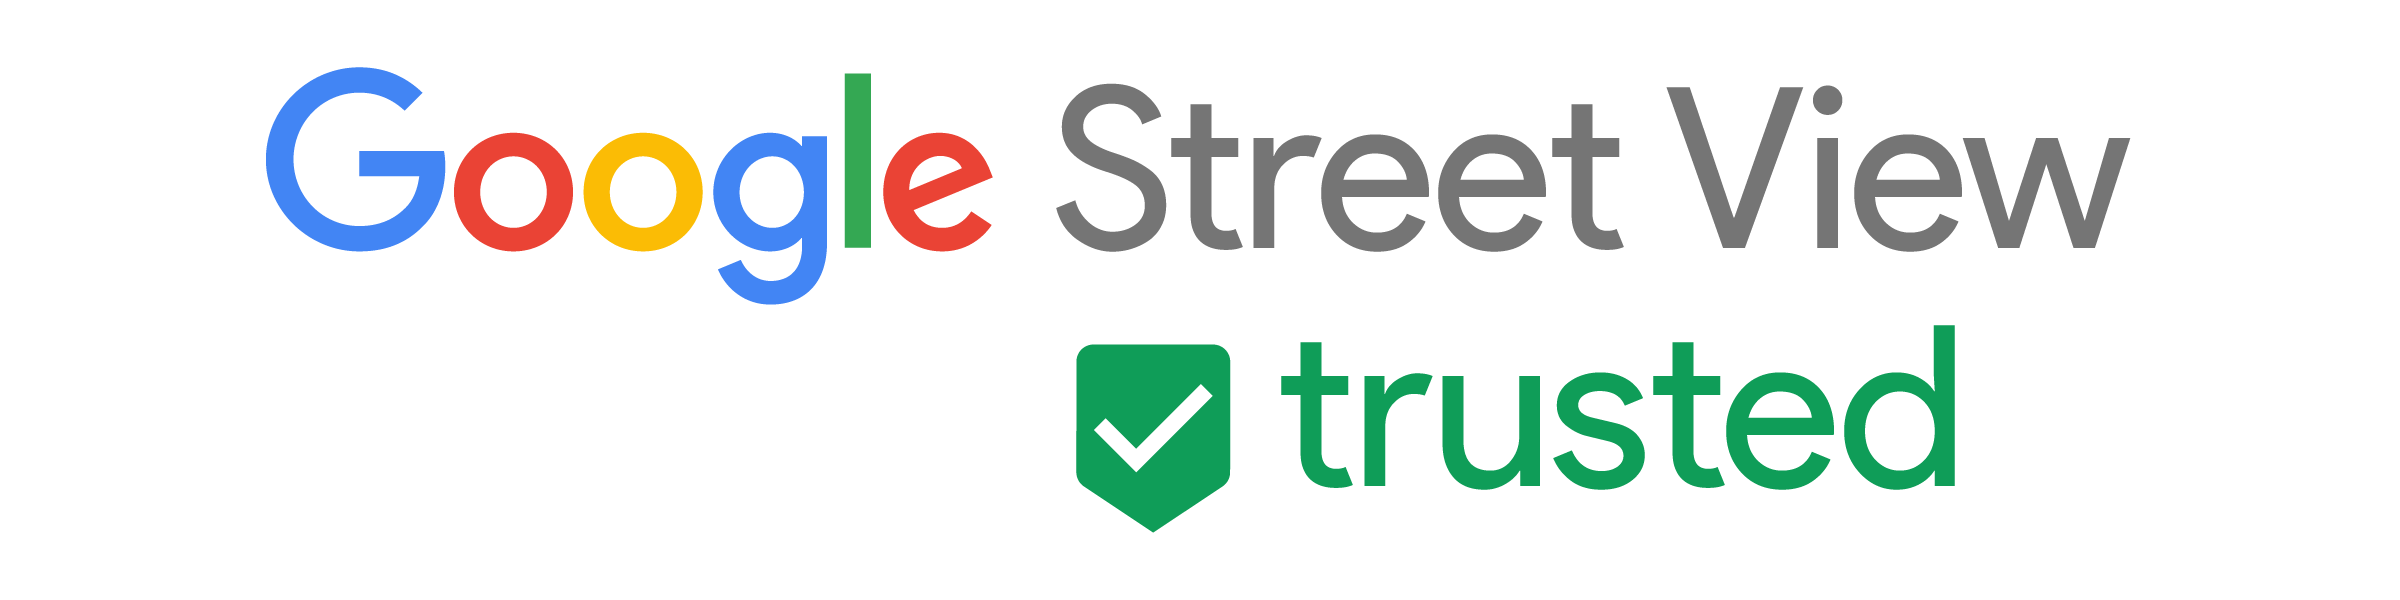 fresch-webdesign - Google StreetView zertifiziert